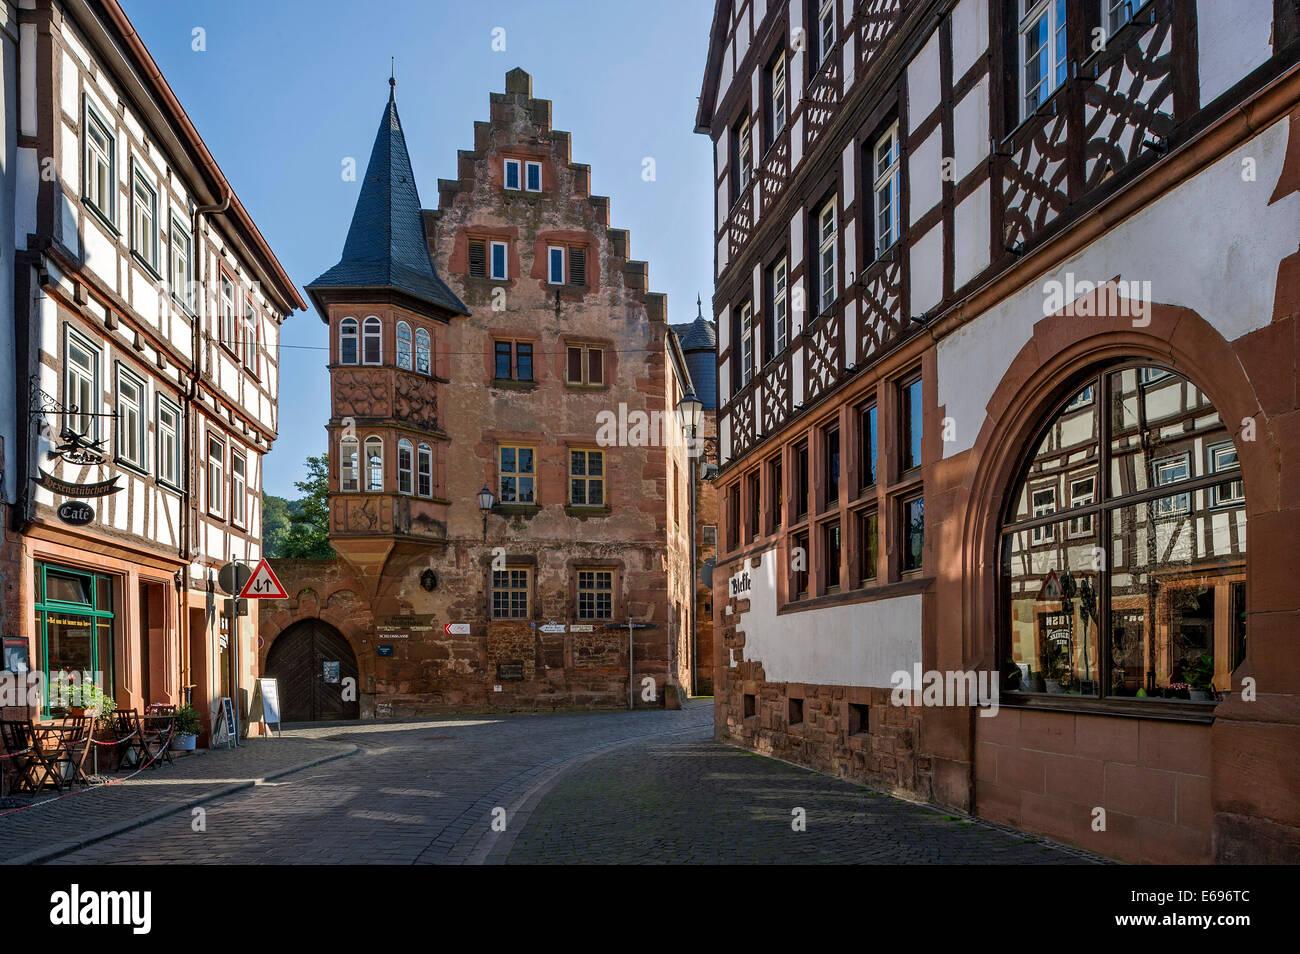 Späten gotischen steinernen Haus Altstadt Büdingen